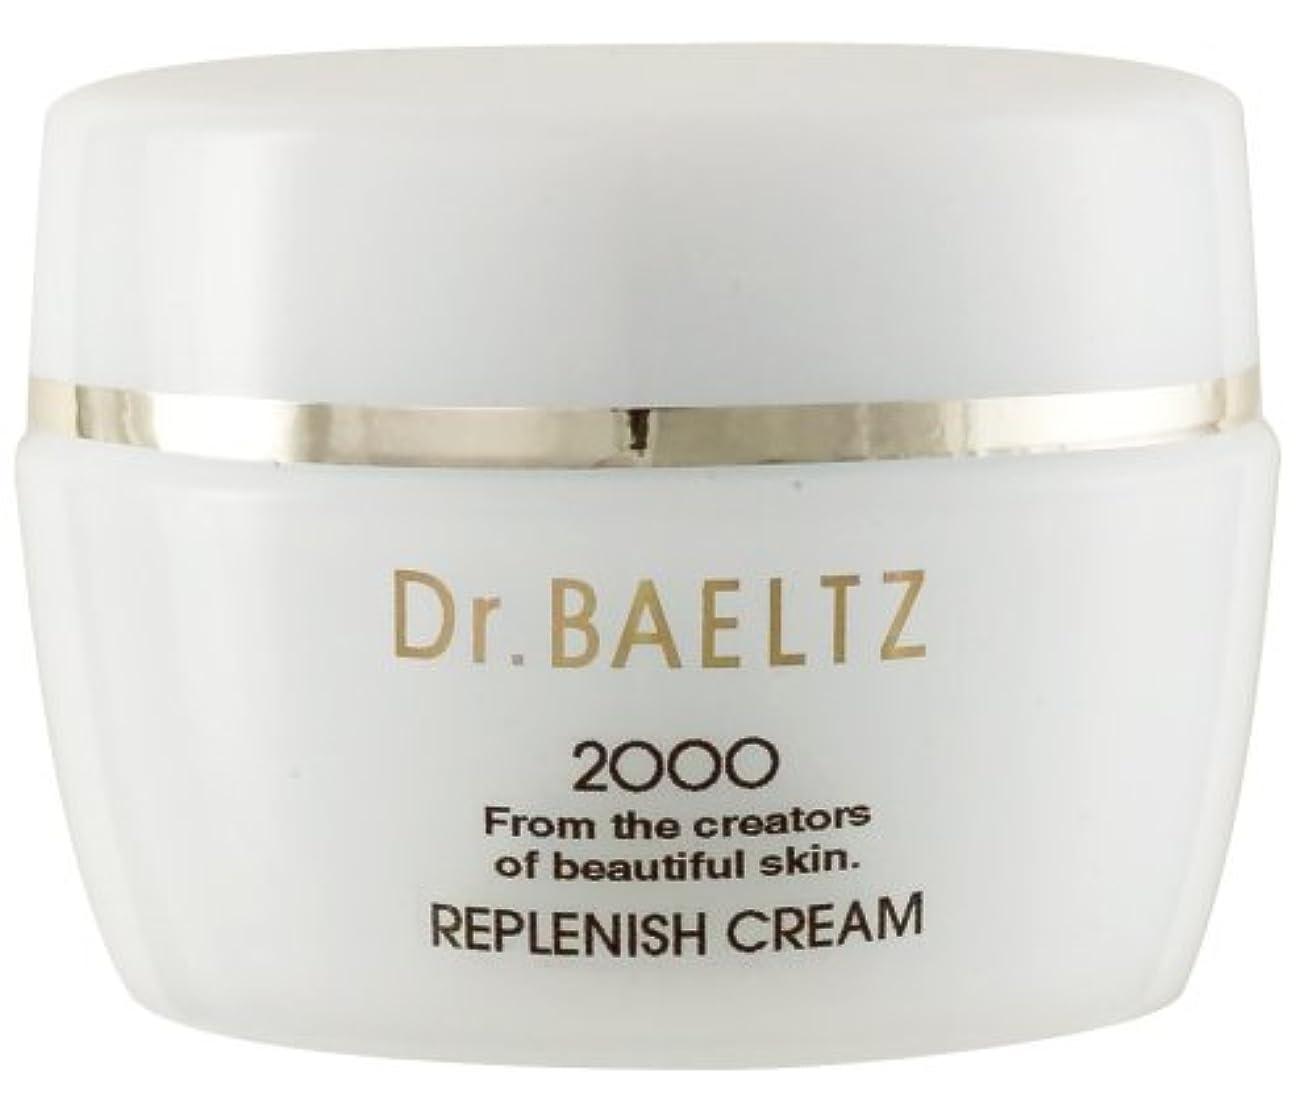 吐き出すスペードあまりにもドクターベルツ(Dr.BAELTZ) リプレニッシュクリーム 40g(保湿クリーム)